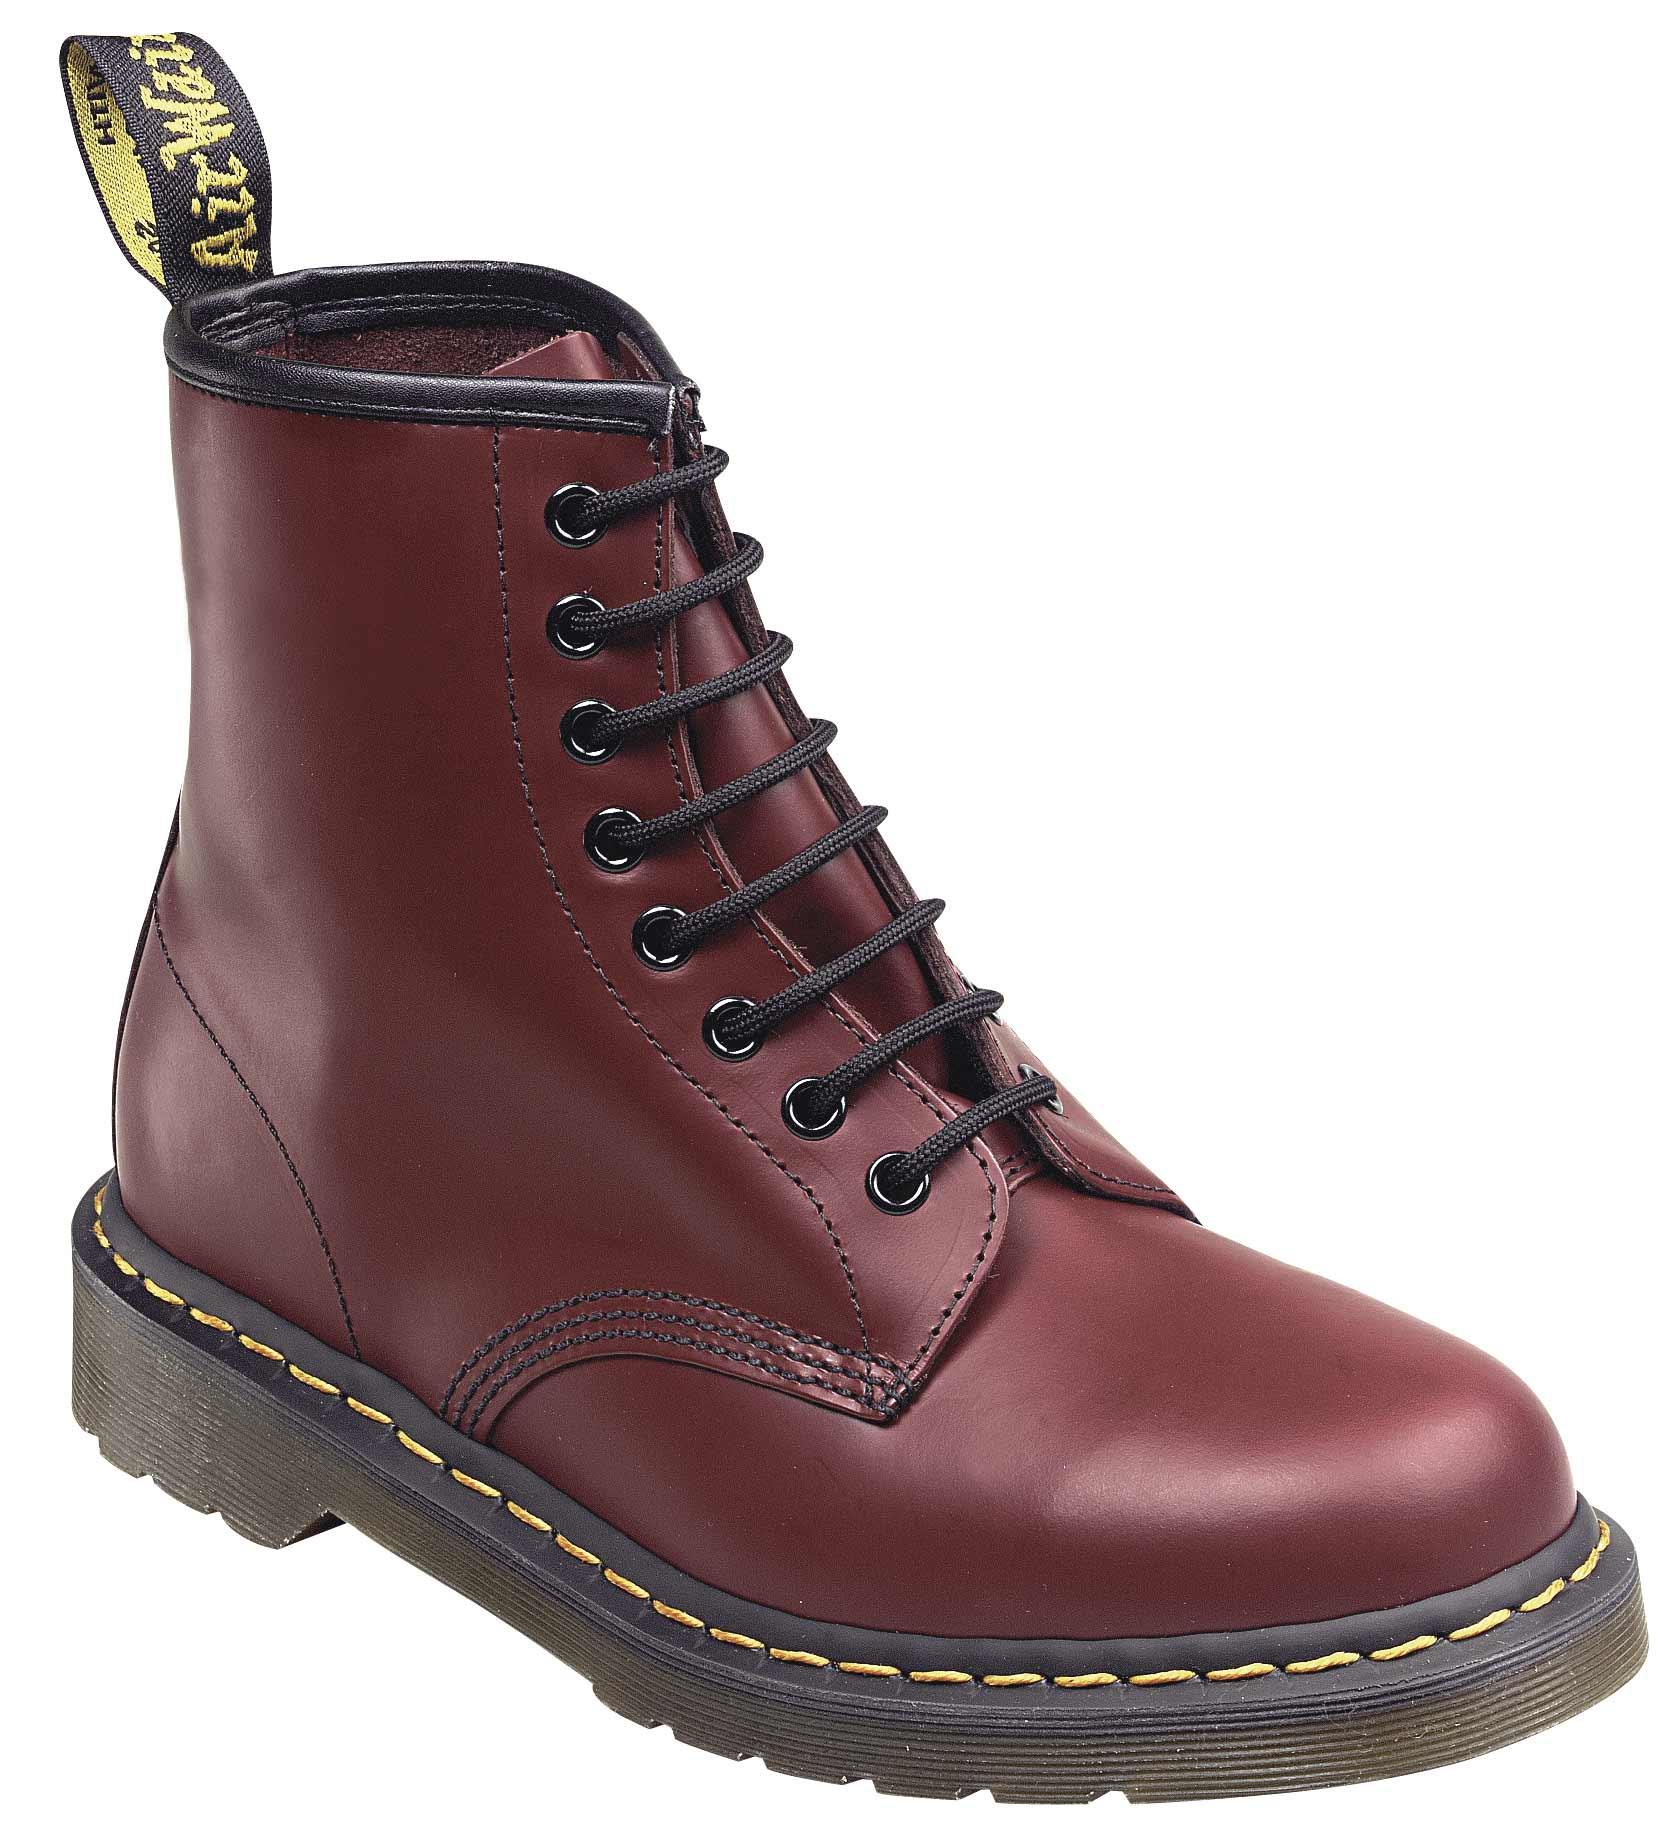 dr martens doc boots stiefel smooth 8 eye loch 1460z lederstiefel neu ebay. Black Bedroom Furniture Sets. Home Design Ideas